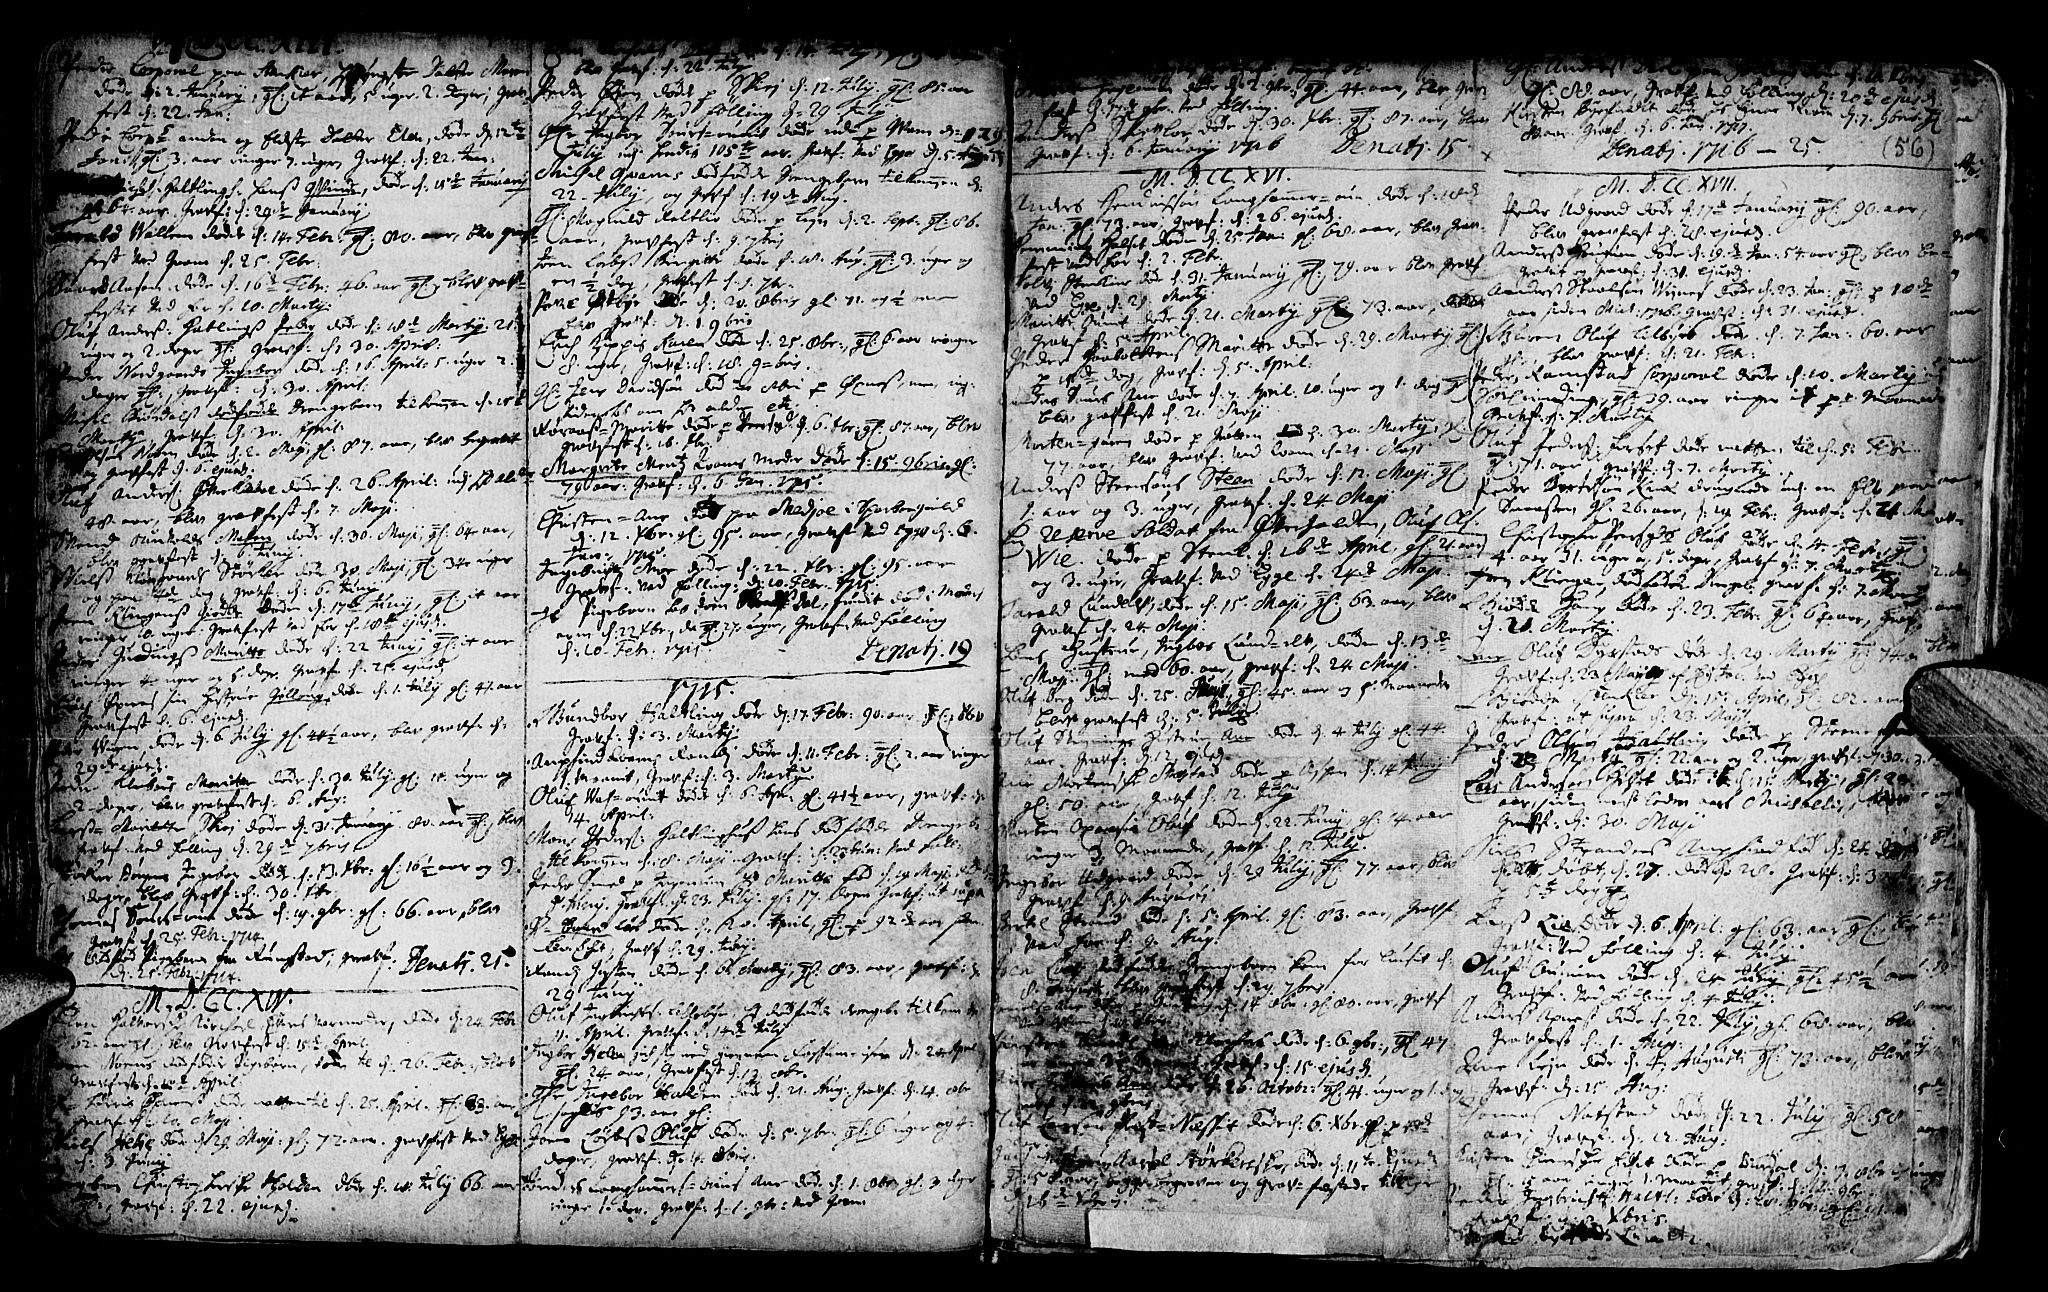 SAT, Ministerialprotokoller, klokkerbøker og fødselsregistre - Nord-Trøndelag, 746/L0439: Ministerialbok nr. 746A01, 1688-1759, s. 56